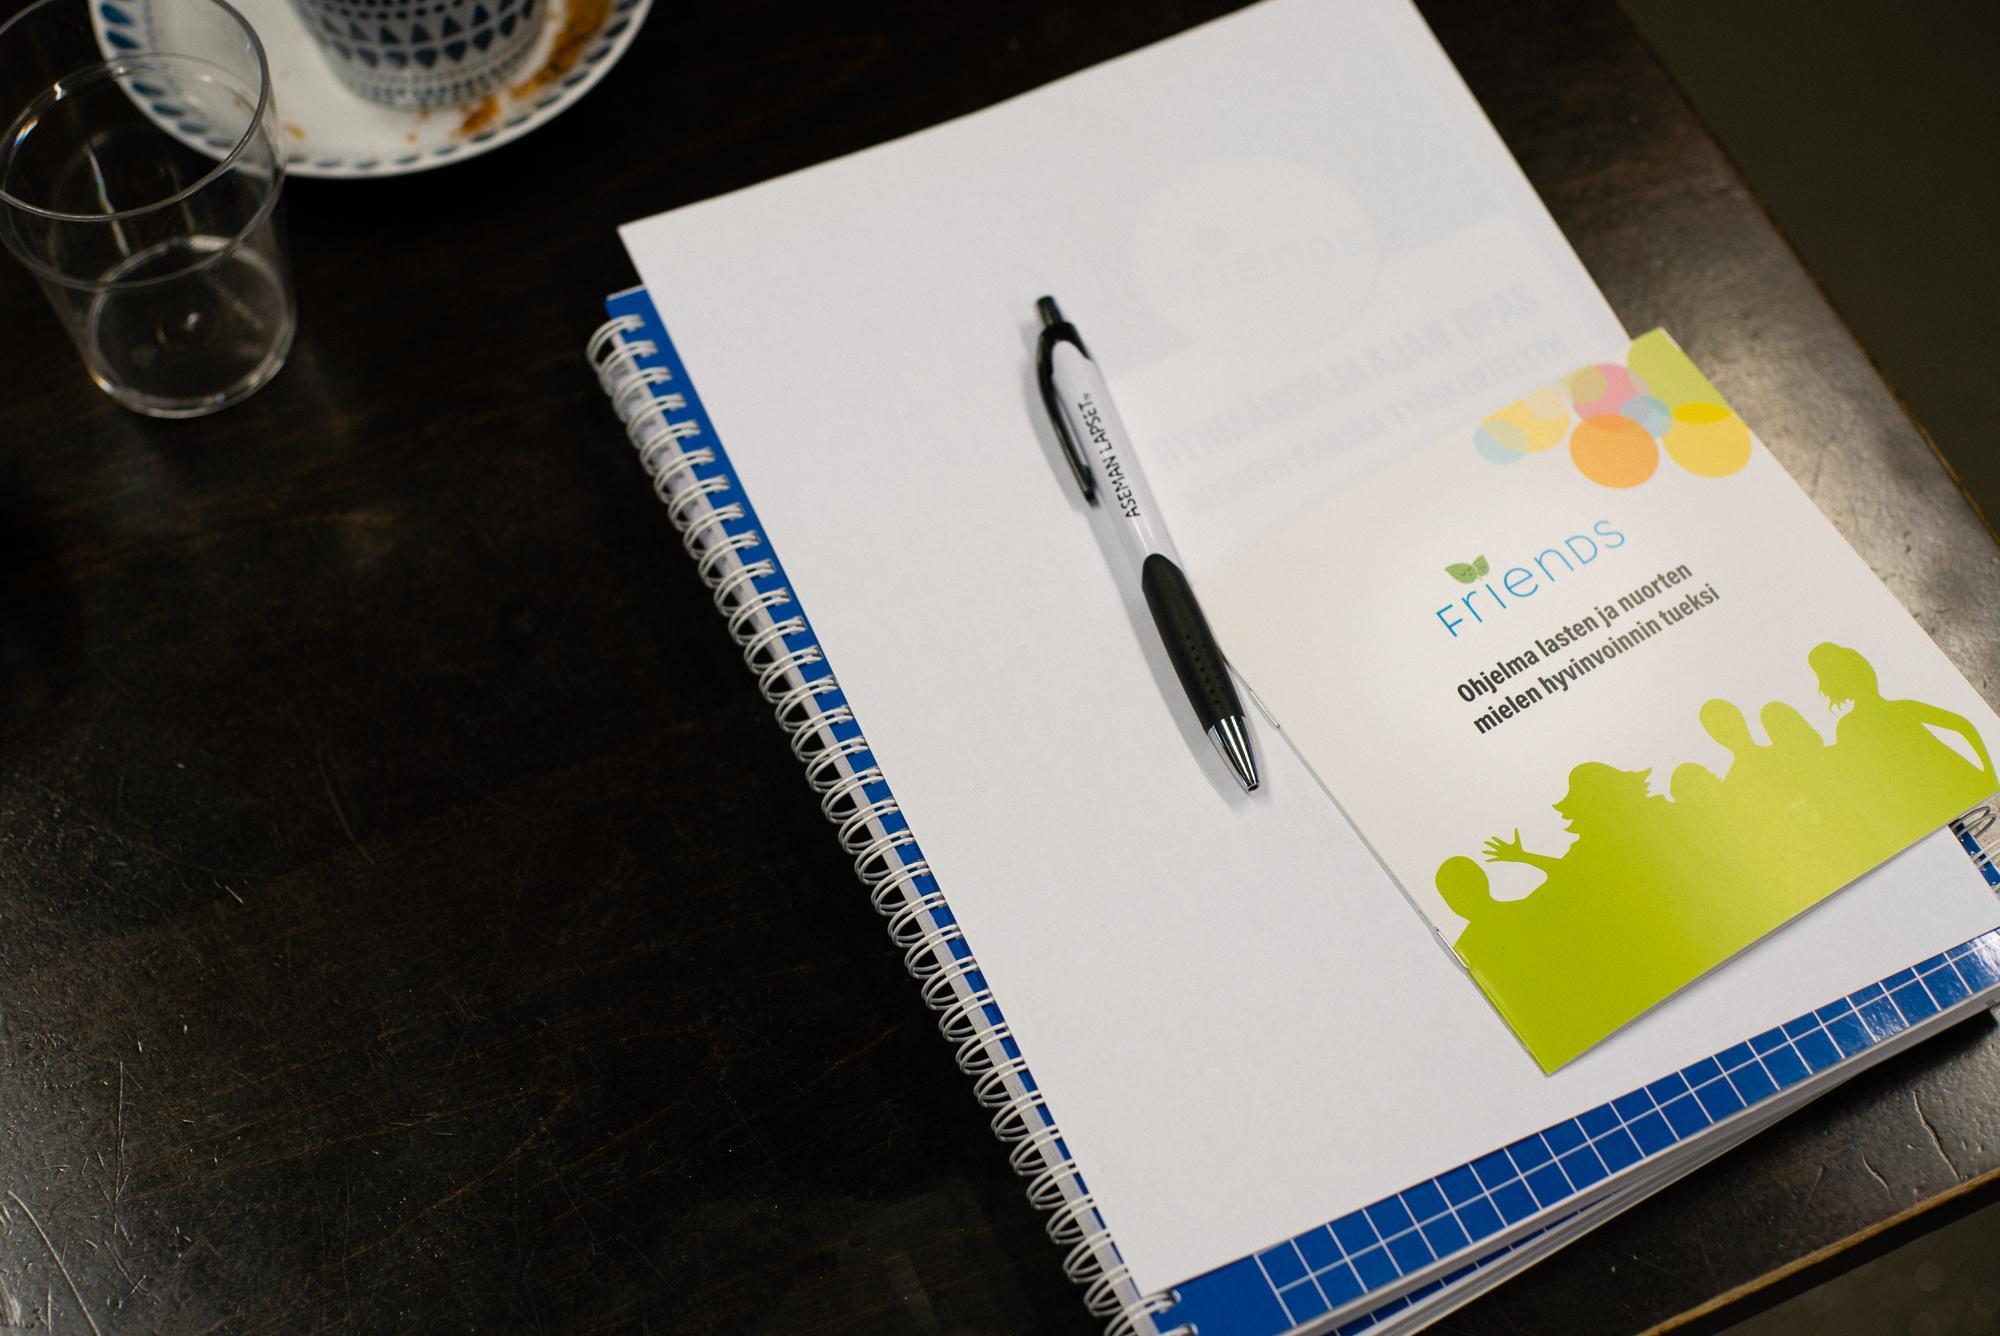 Lehtiö, kynä ja Friends-ohjelman esite pöydällä.